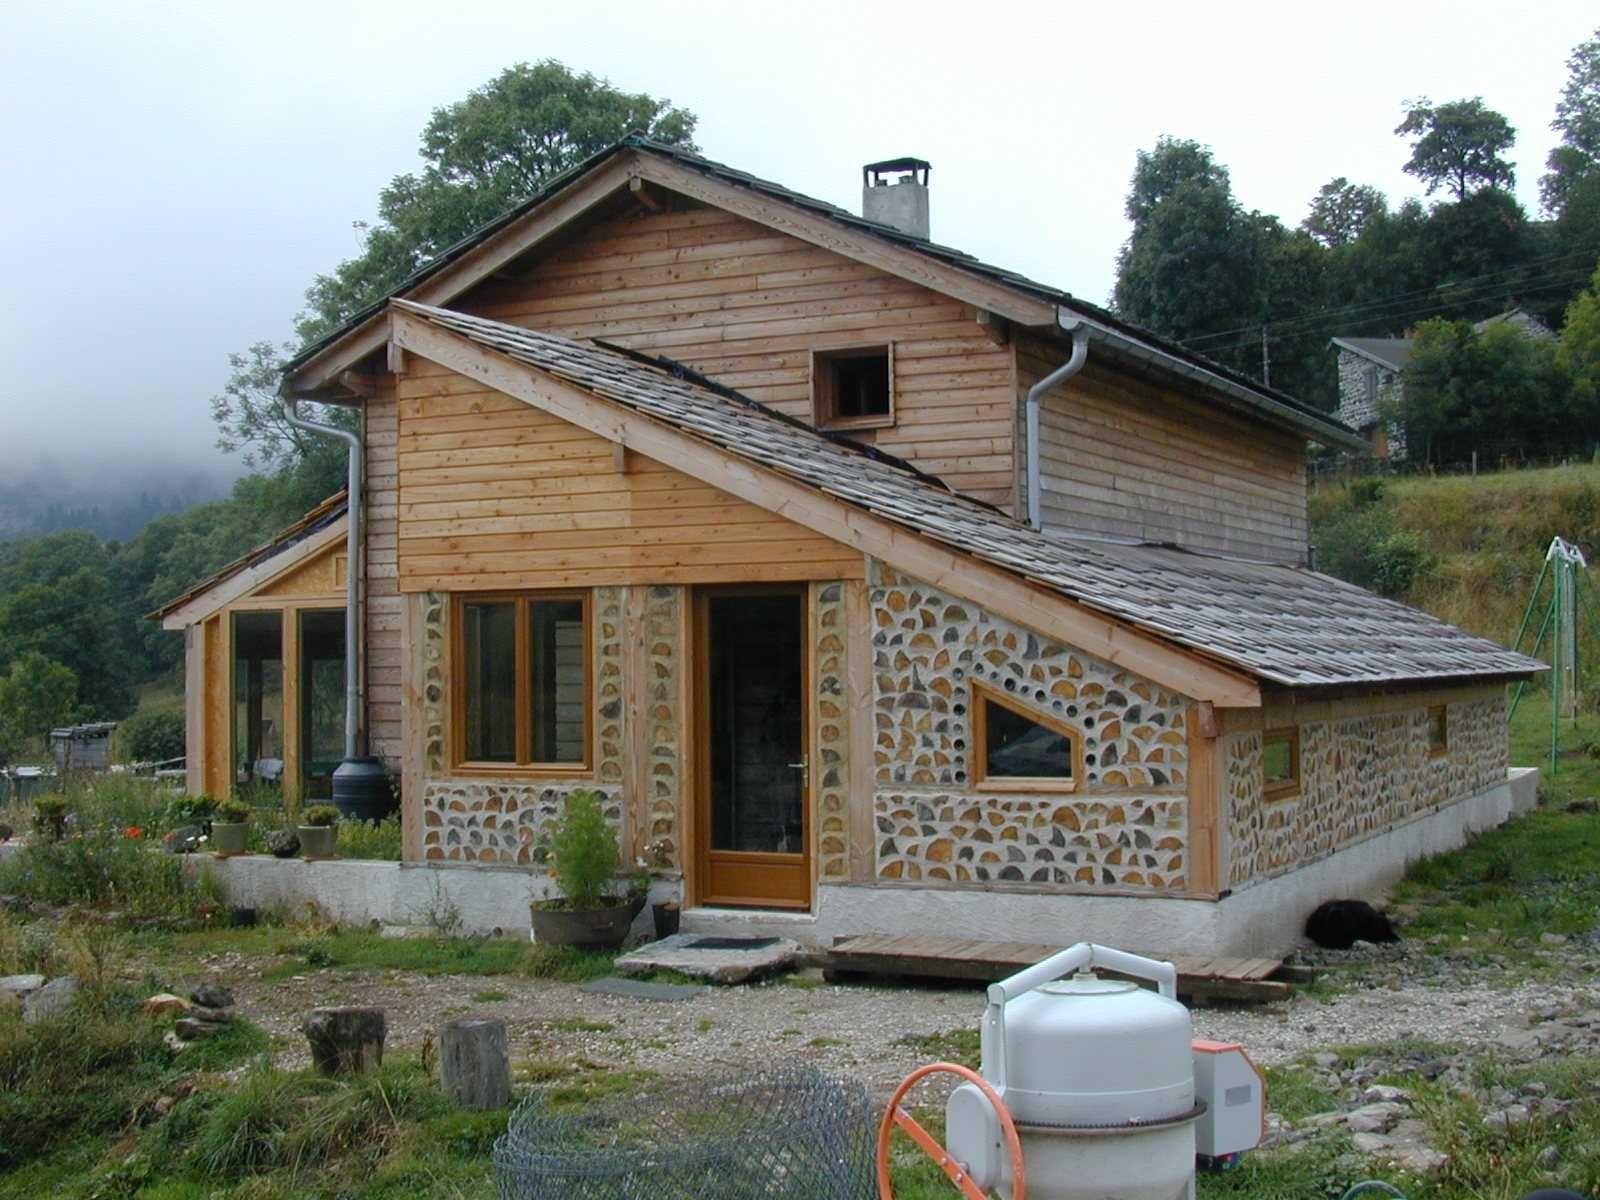 Maison bois solaire passive france serre recherche for Maison passive